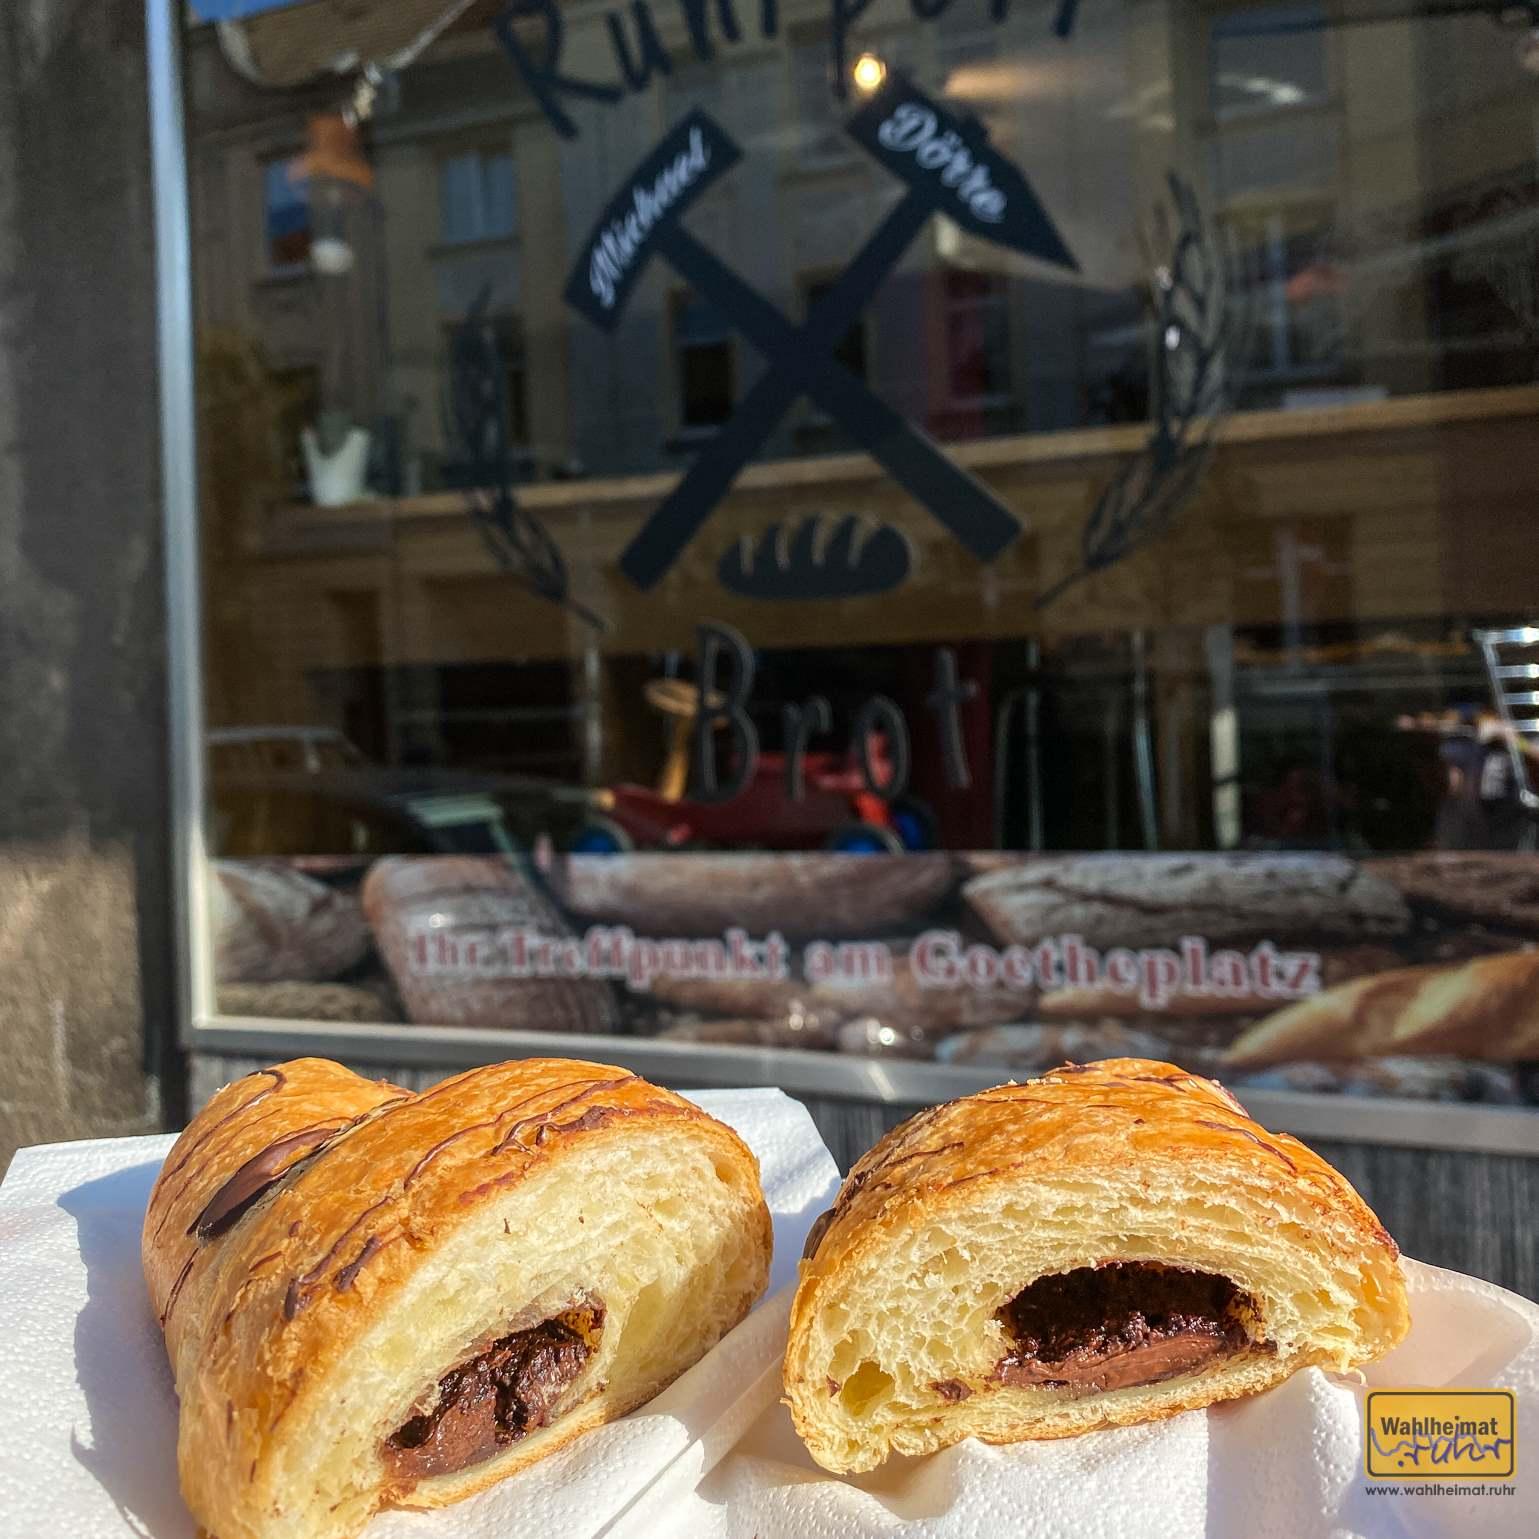 Bei Ruhrpott-Brot am Goetheplatz gab es Leckeres aus dem Backwaren-Sortiment mit und ohne Schoki...